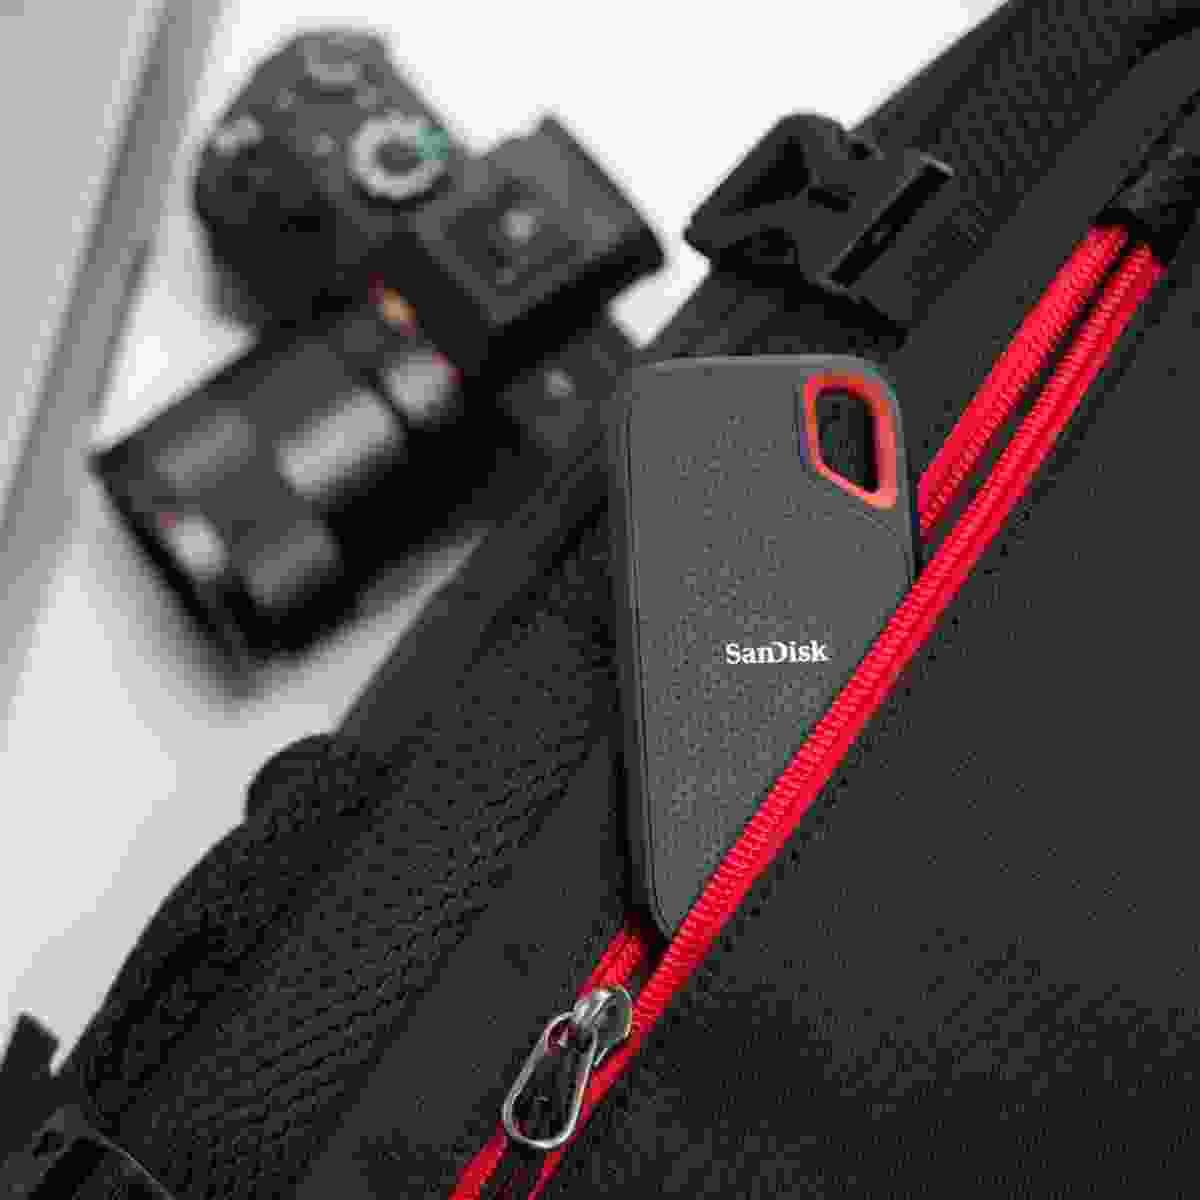 Travel kit including SanDisk Extreme Portable SSD (SanDisk)